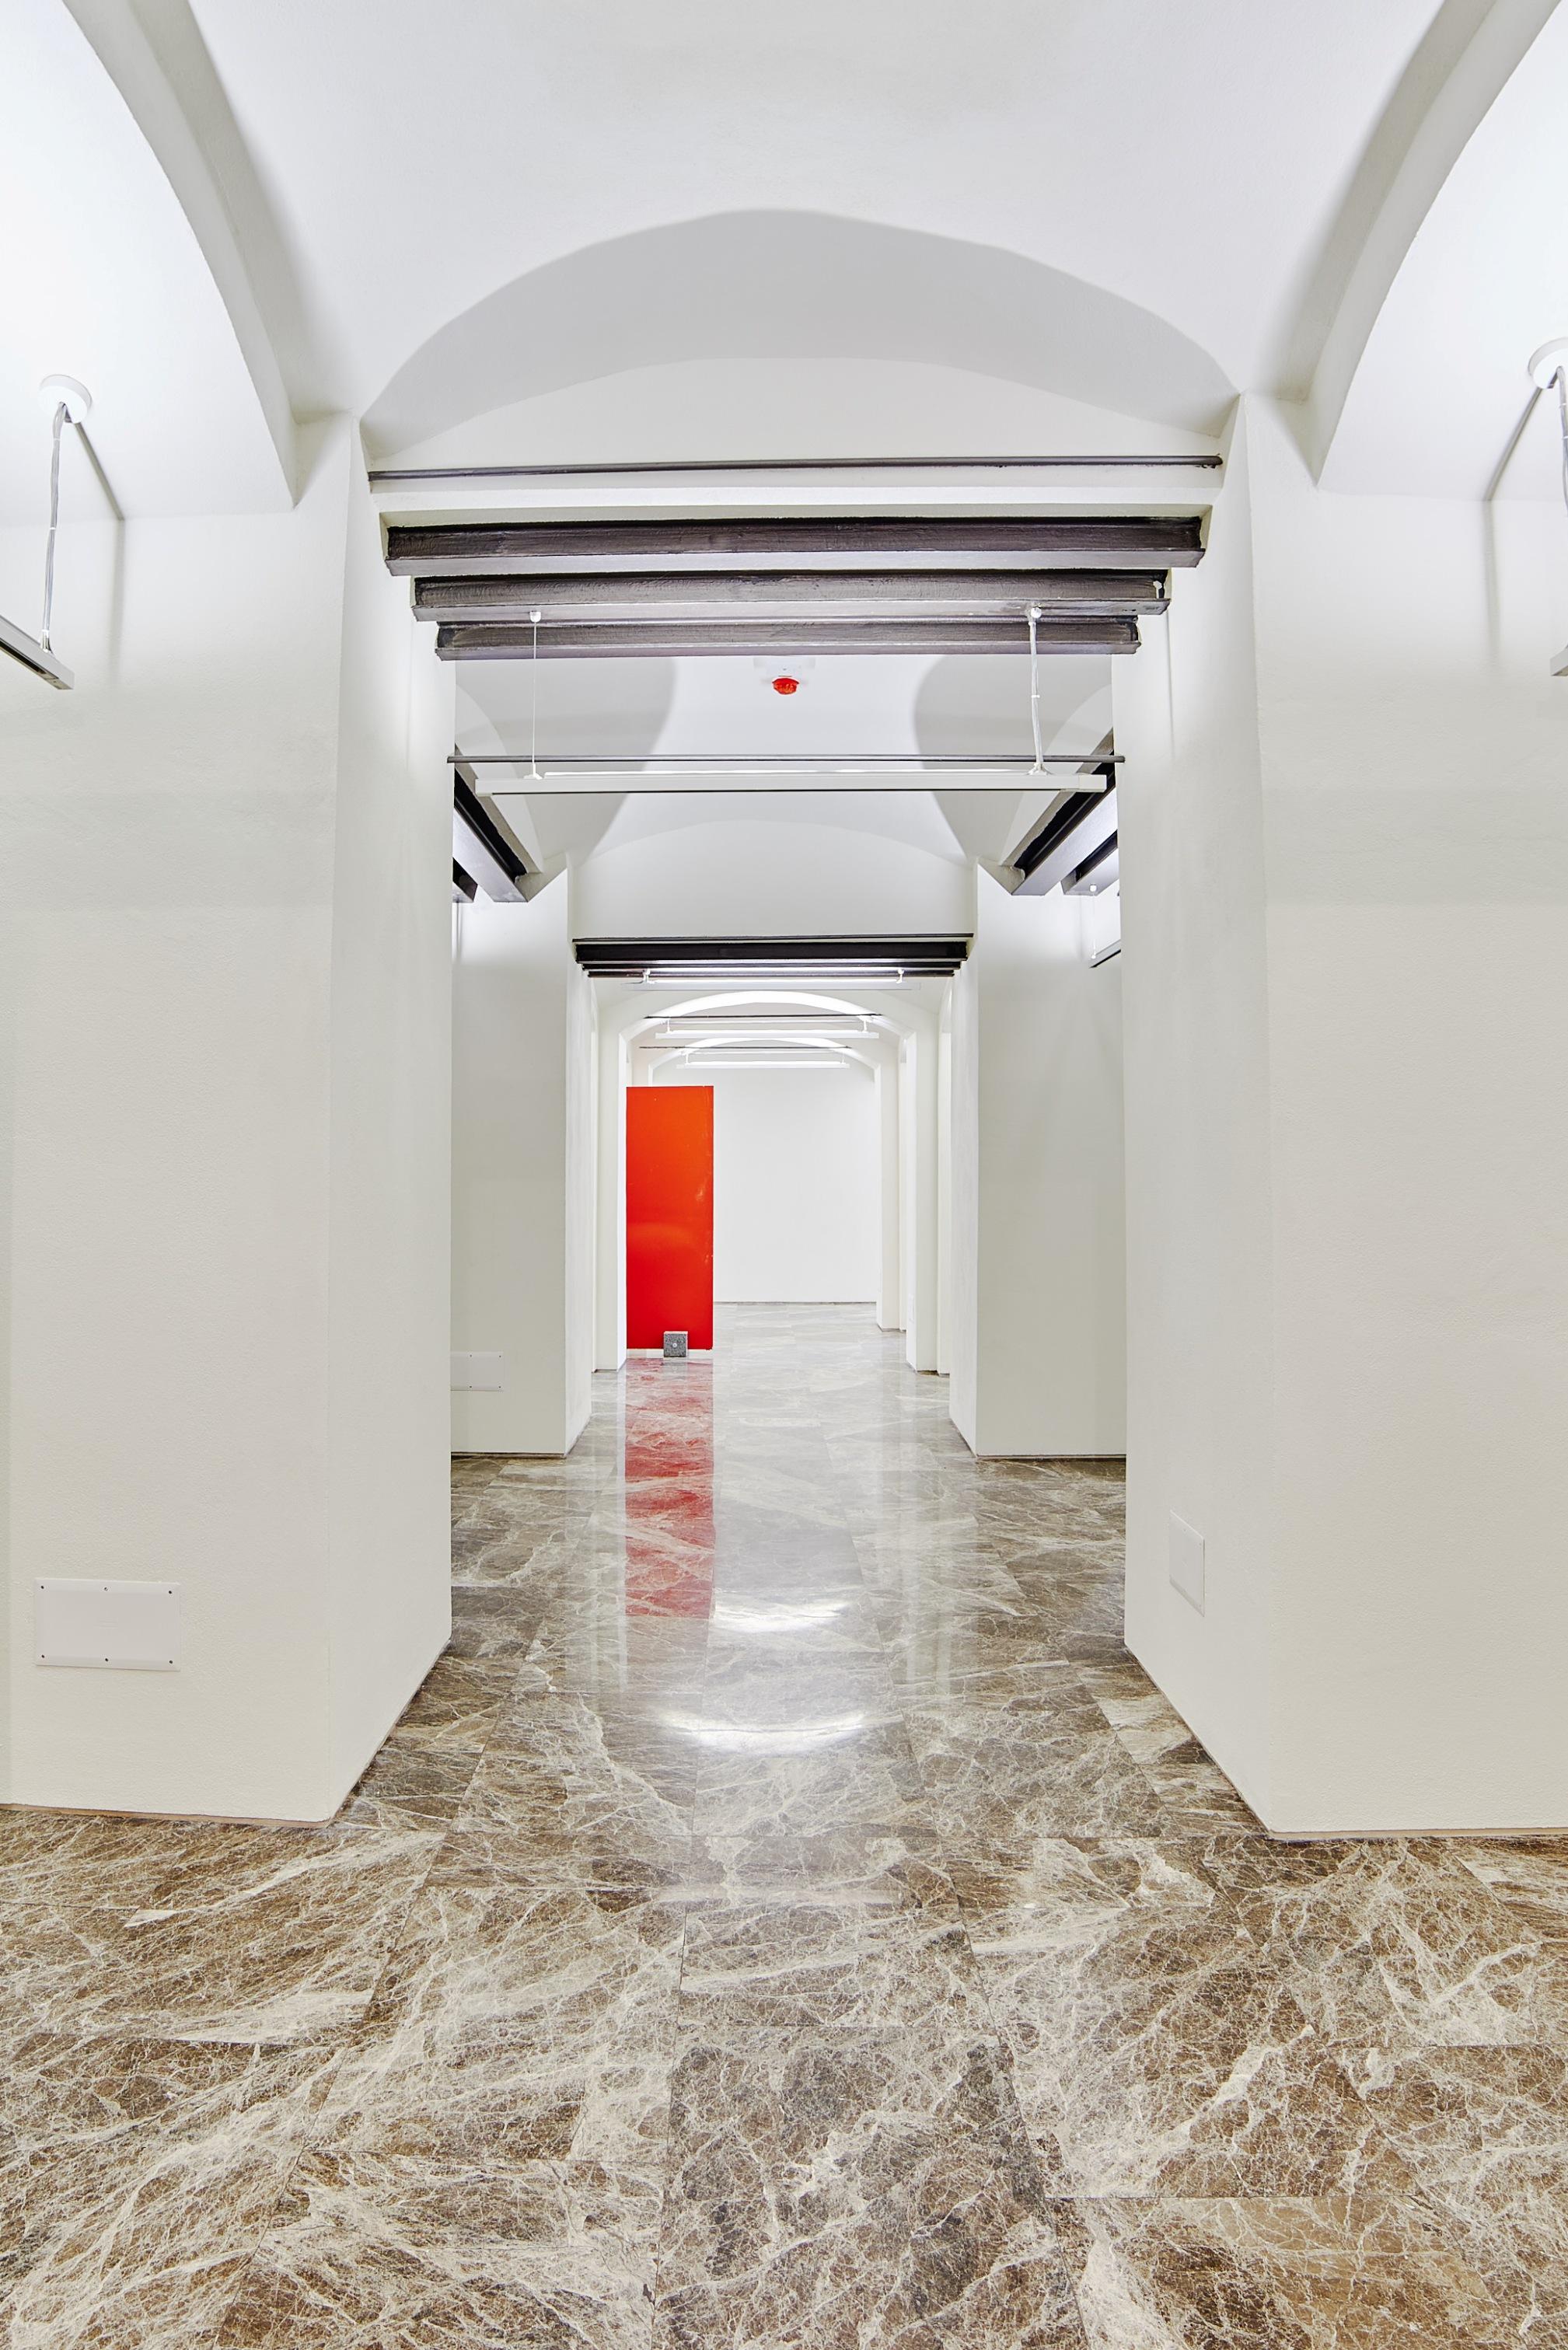 apiarhitekti-narodna-galerija-15